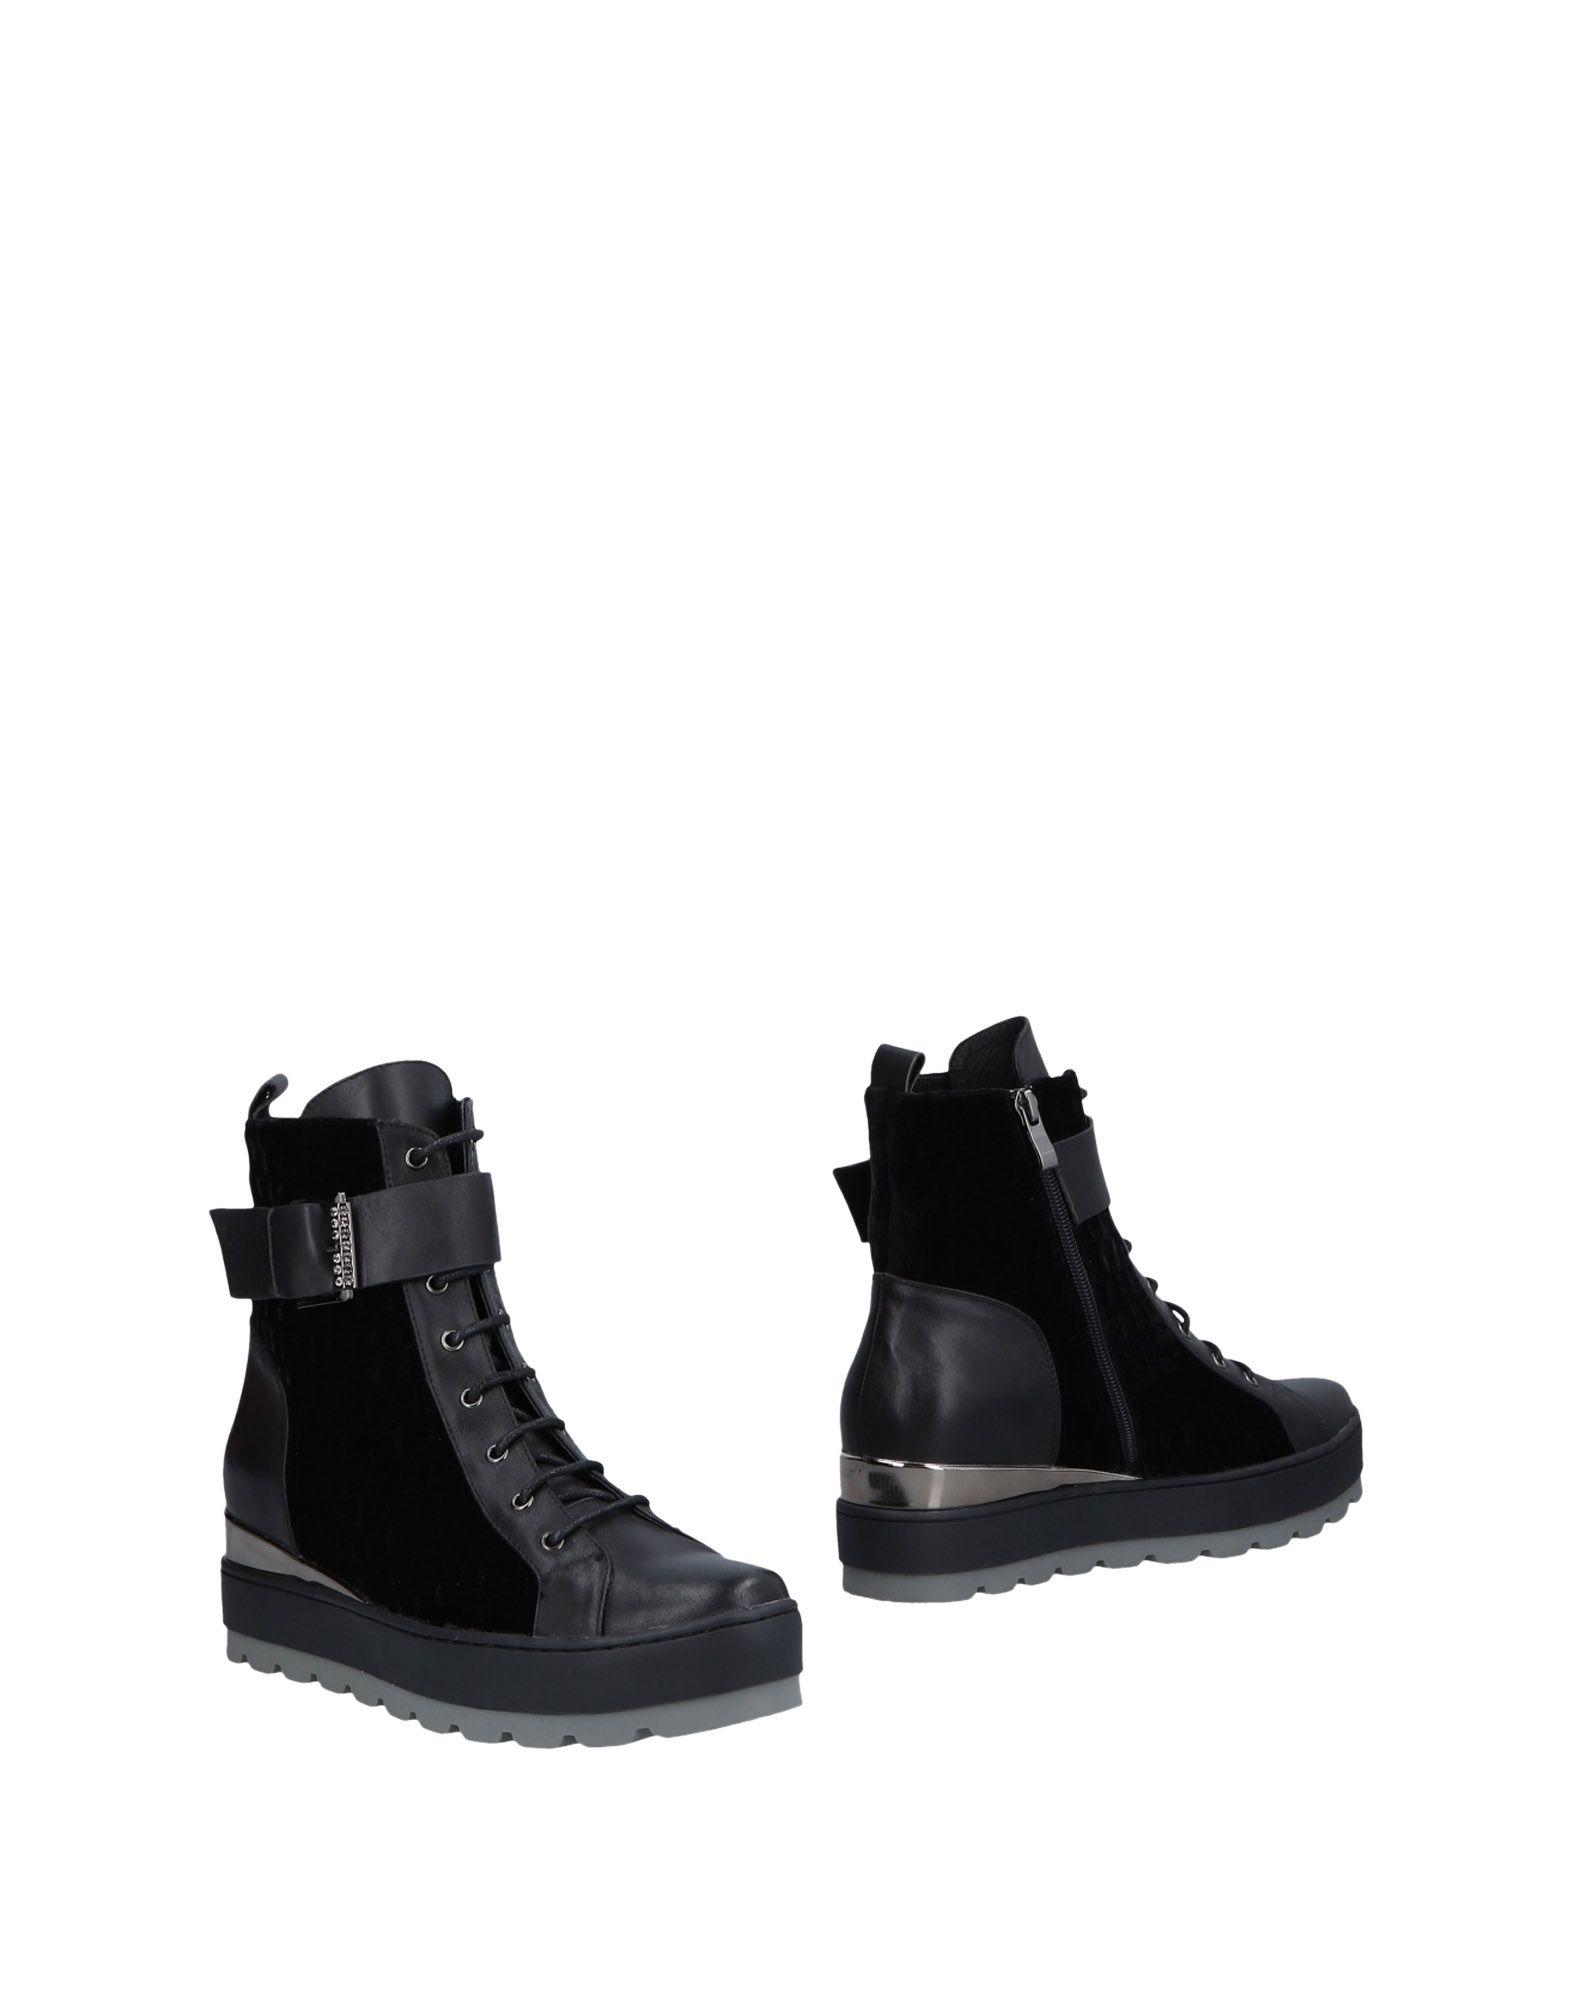 Bottine Cafènoir Femme - Bottines Cafènoir Noir Les chaussures les plus populaires pour les hommes et les femmes